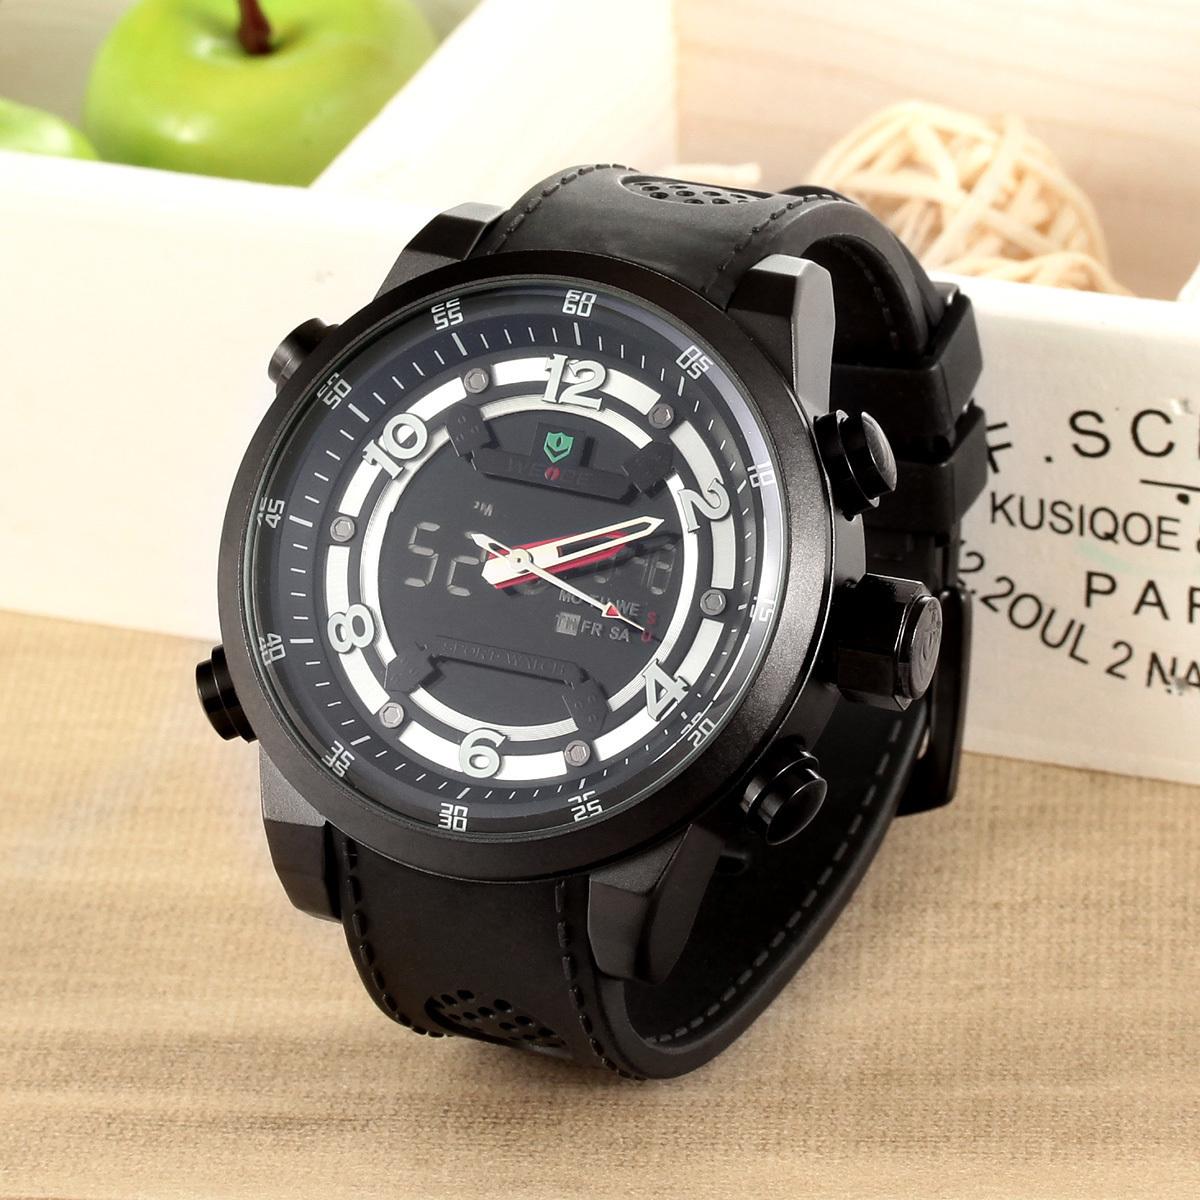 WEIDE WH3315 Men's Waterproof Outdoor Sport LCD Digital Analog Wristwatch w/ Alarm / Back Light - Black (1 x LR626) (Intl)